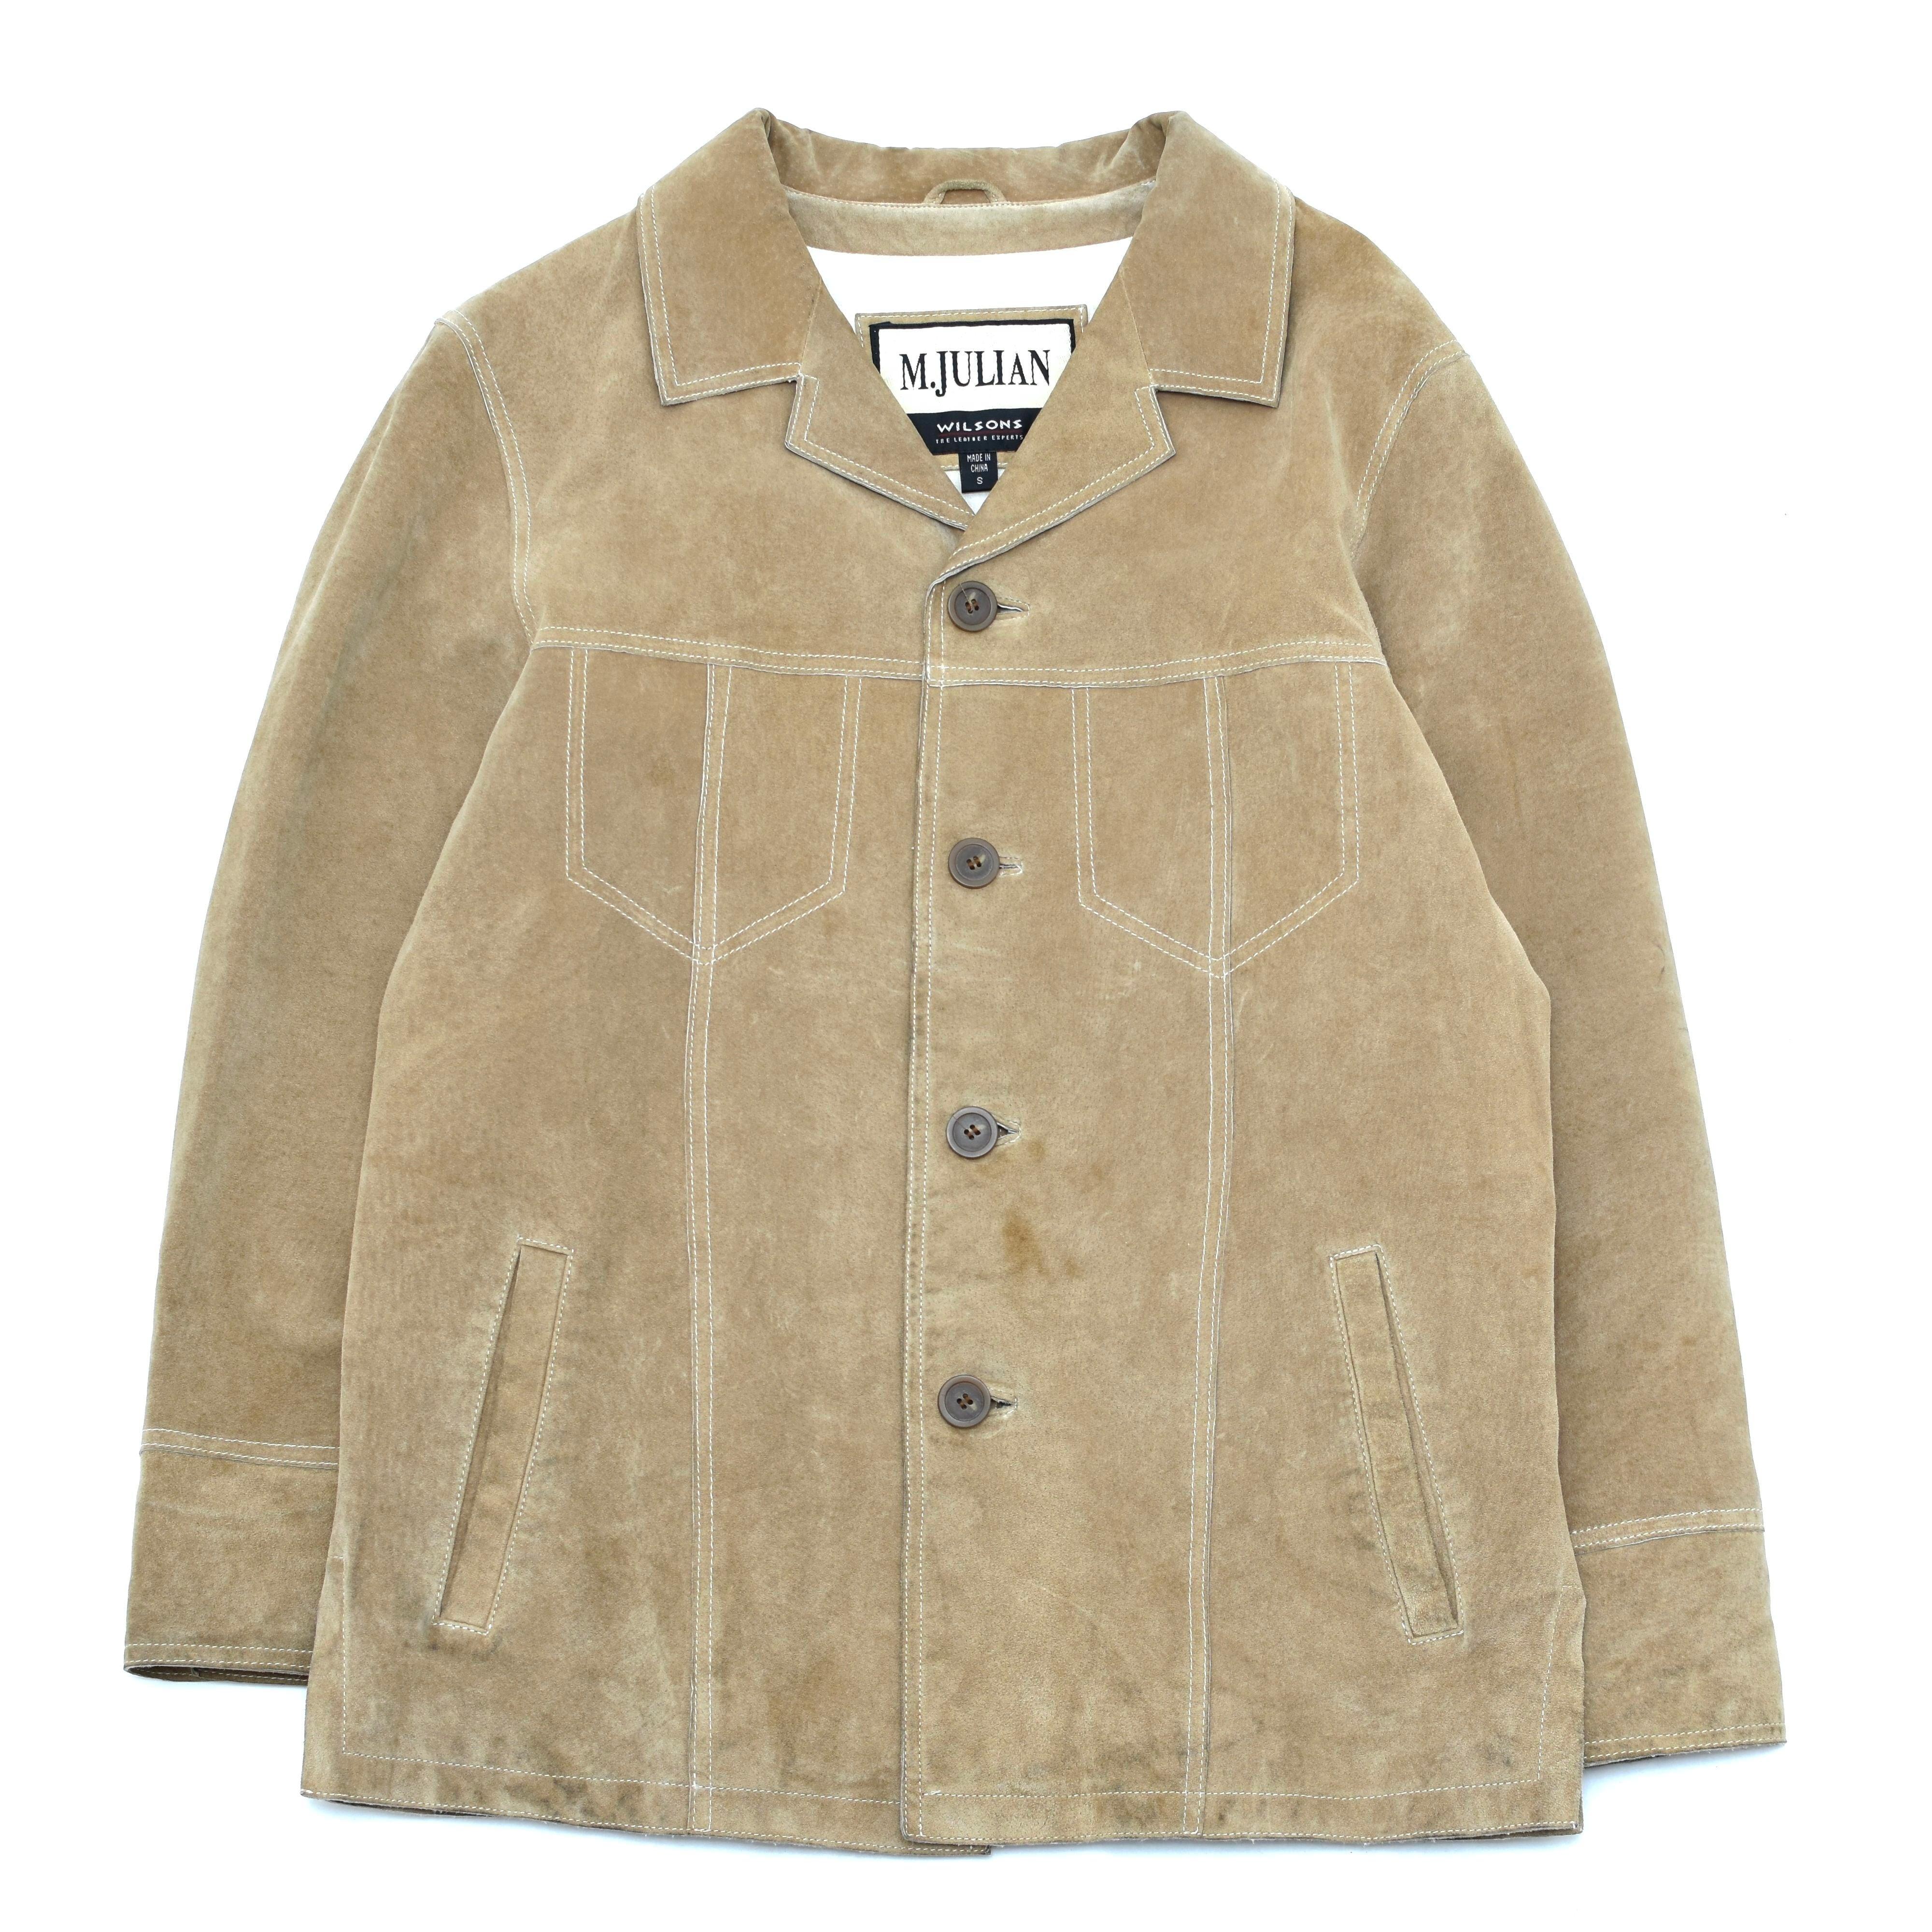 Vintage WILSONS M.JULIAN suede leather jacket